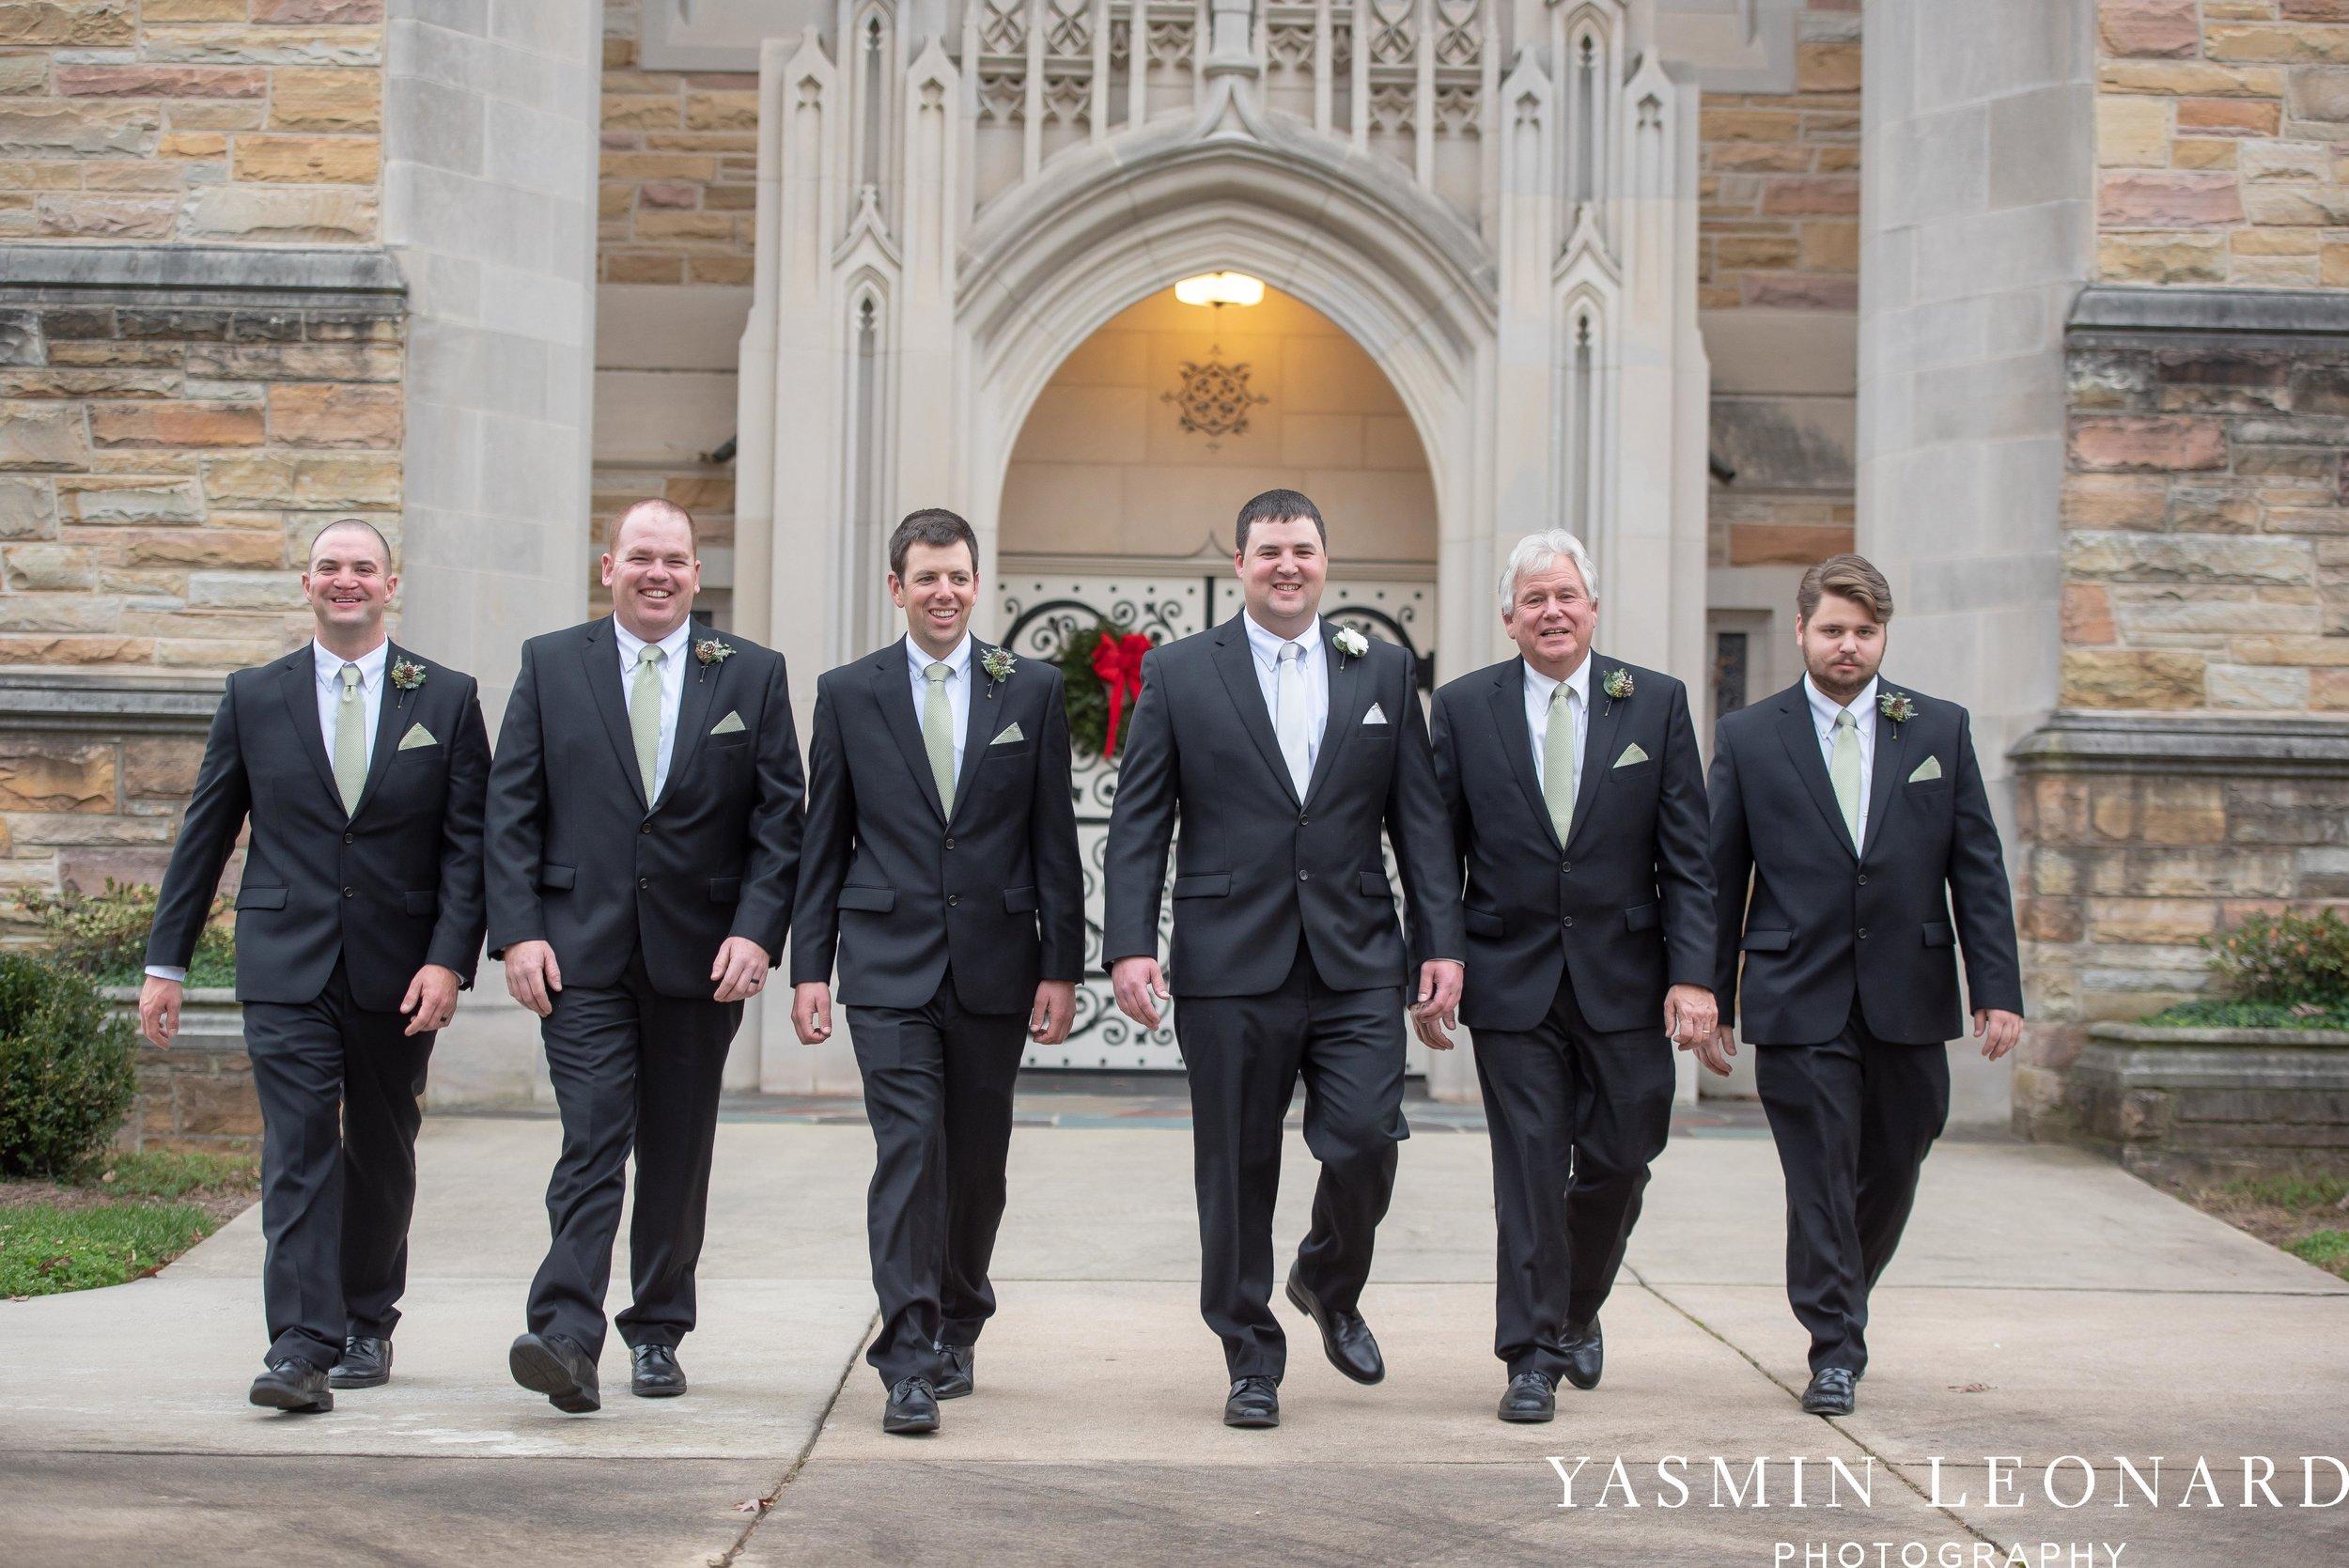 Adaumont Farm - Wesley Memorial Weddings - High Point Weddings - Just Priceless - NC Wedding Photographer - Yasmin Leonard Photography - High Point Wedding Vendors-15.jpg